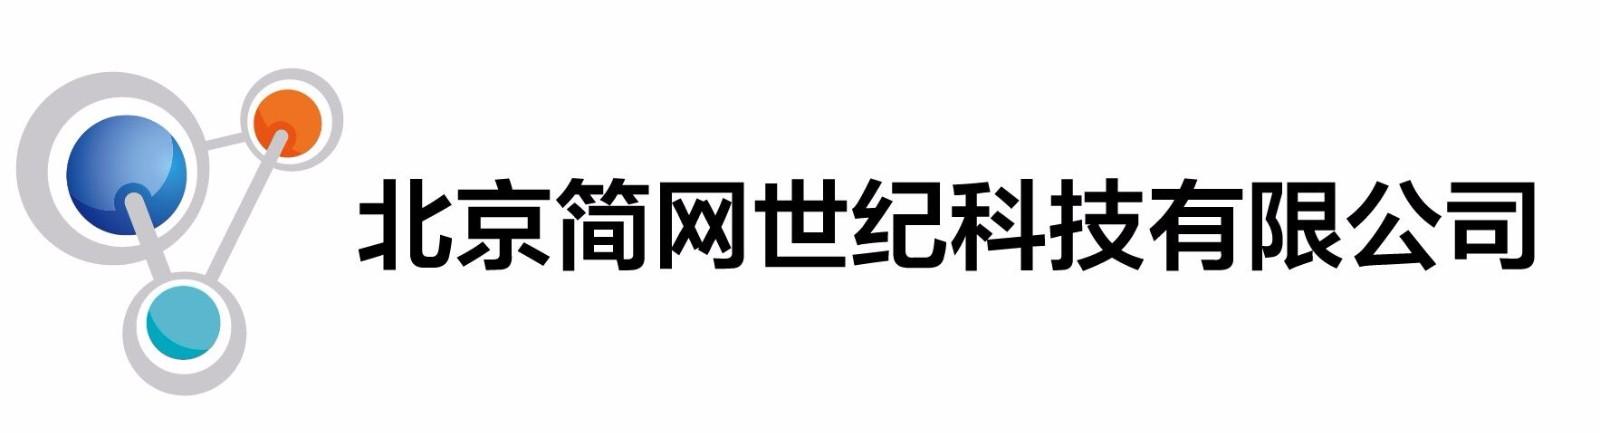 北京简网世纪科技有限公司